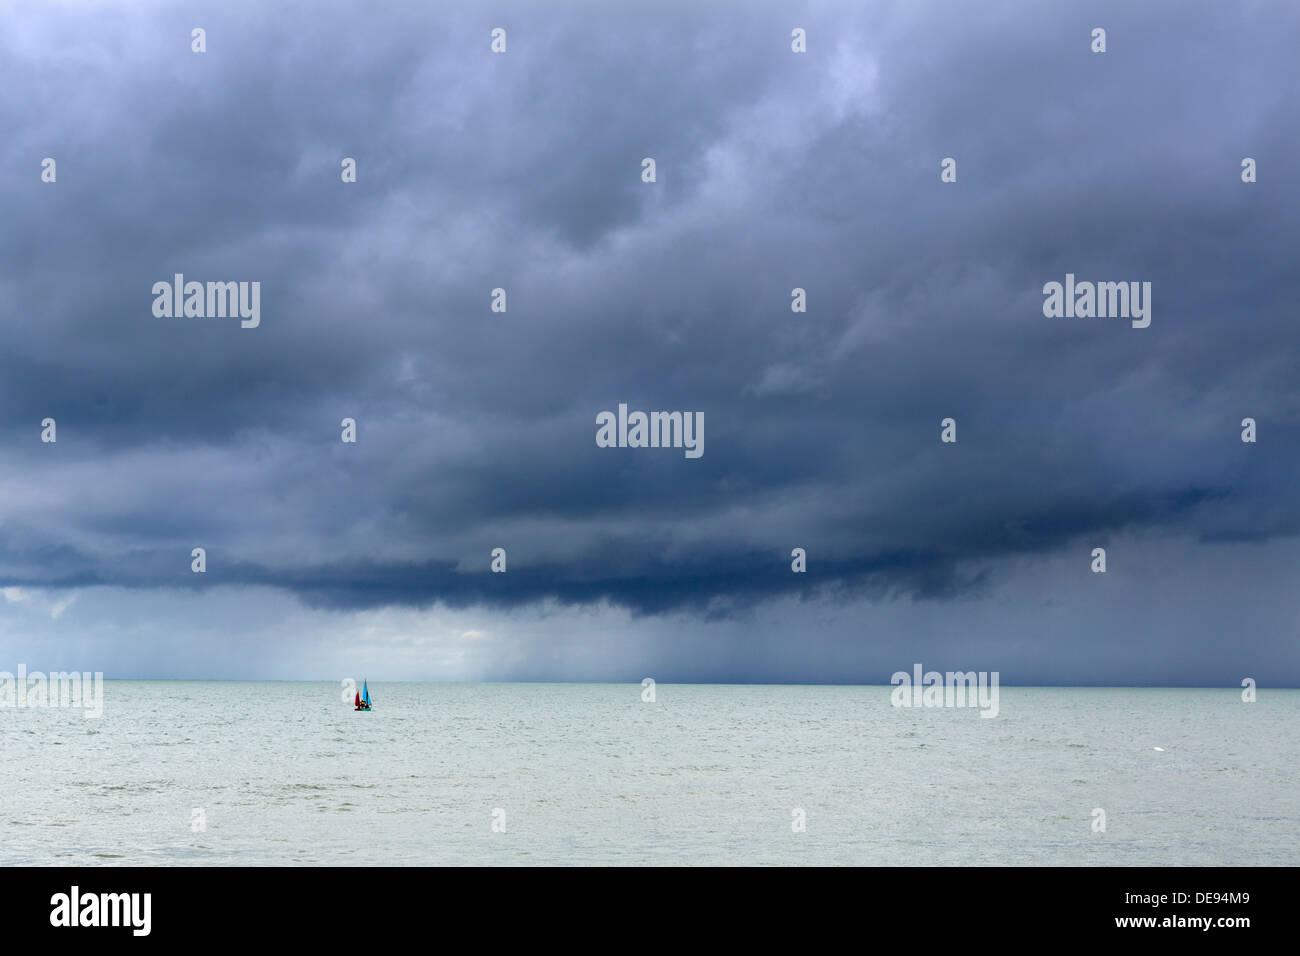 Pequeño bote navegando hacia una tormenta en la costa de la aldea costera de Aberaeron, Ceredigion, Gales, Imagen De Stock